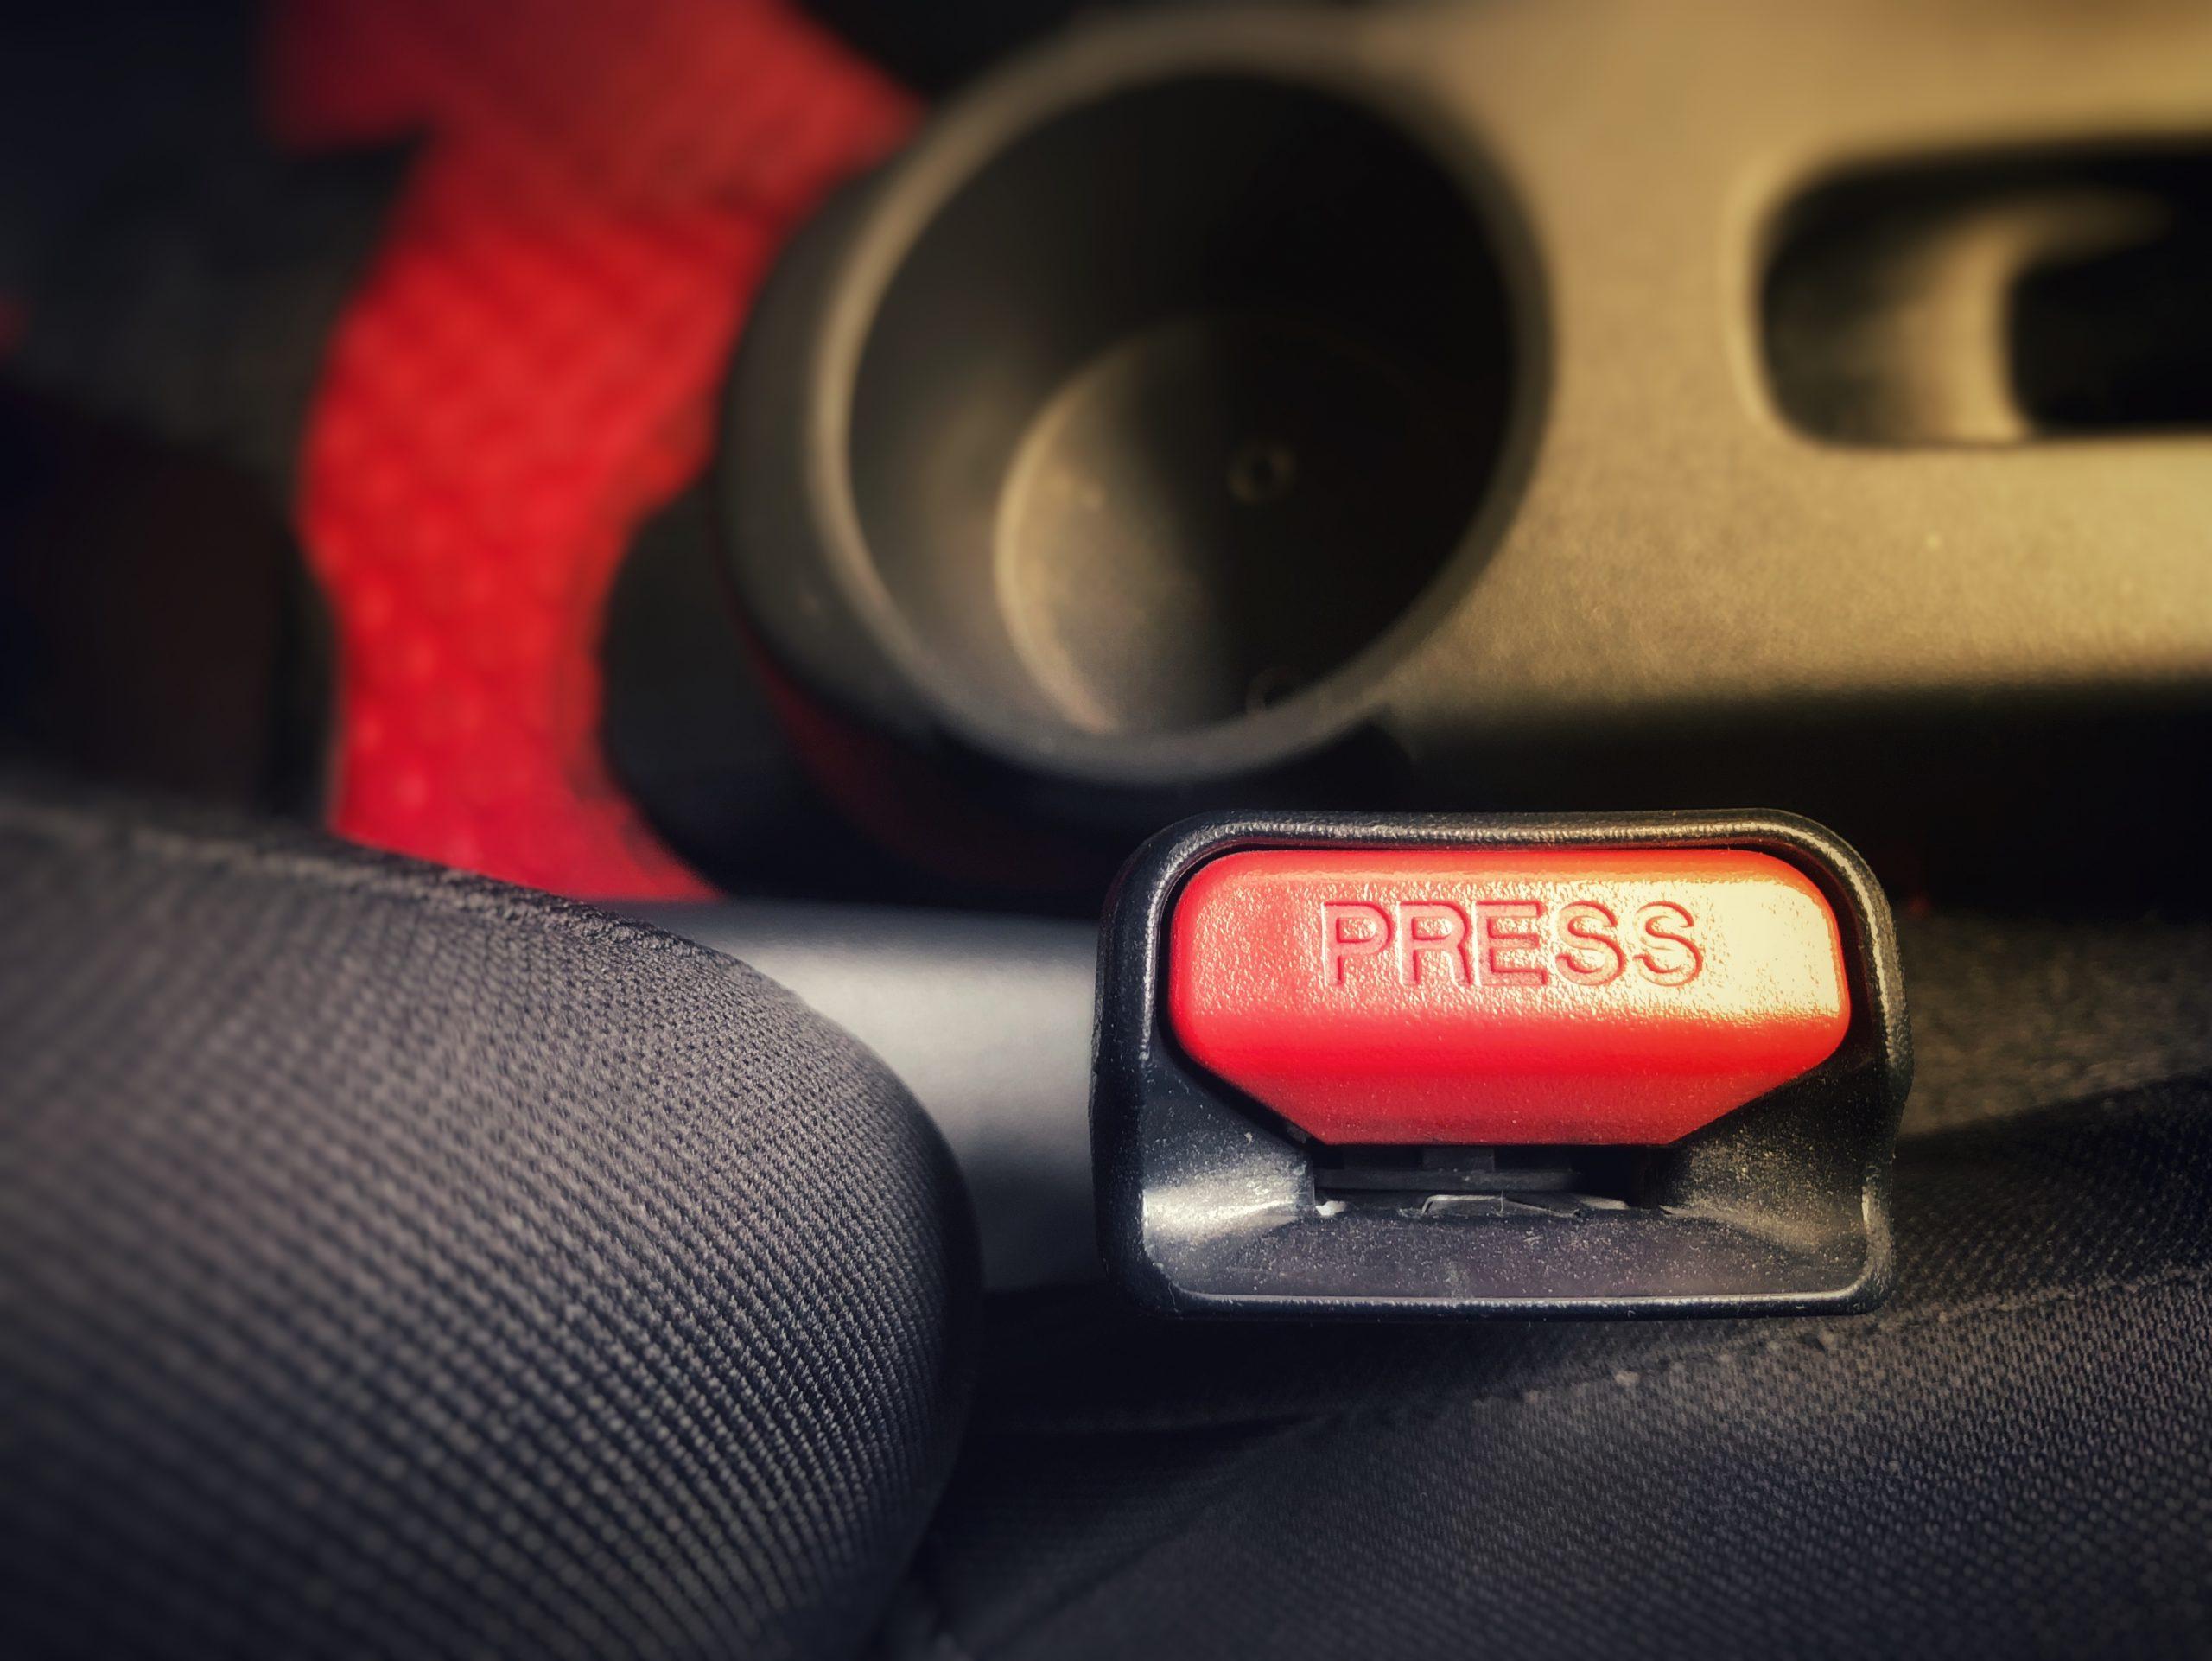 Legislație 2021. Ce amendă primești dacă nu porți centura de siguranță? Valabil pentru șofer și pasageri